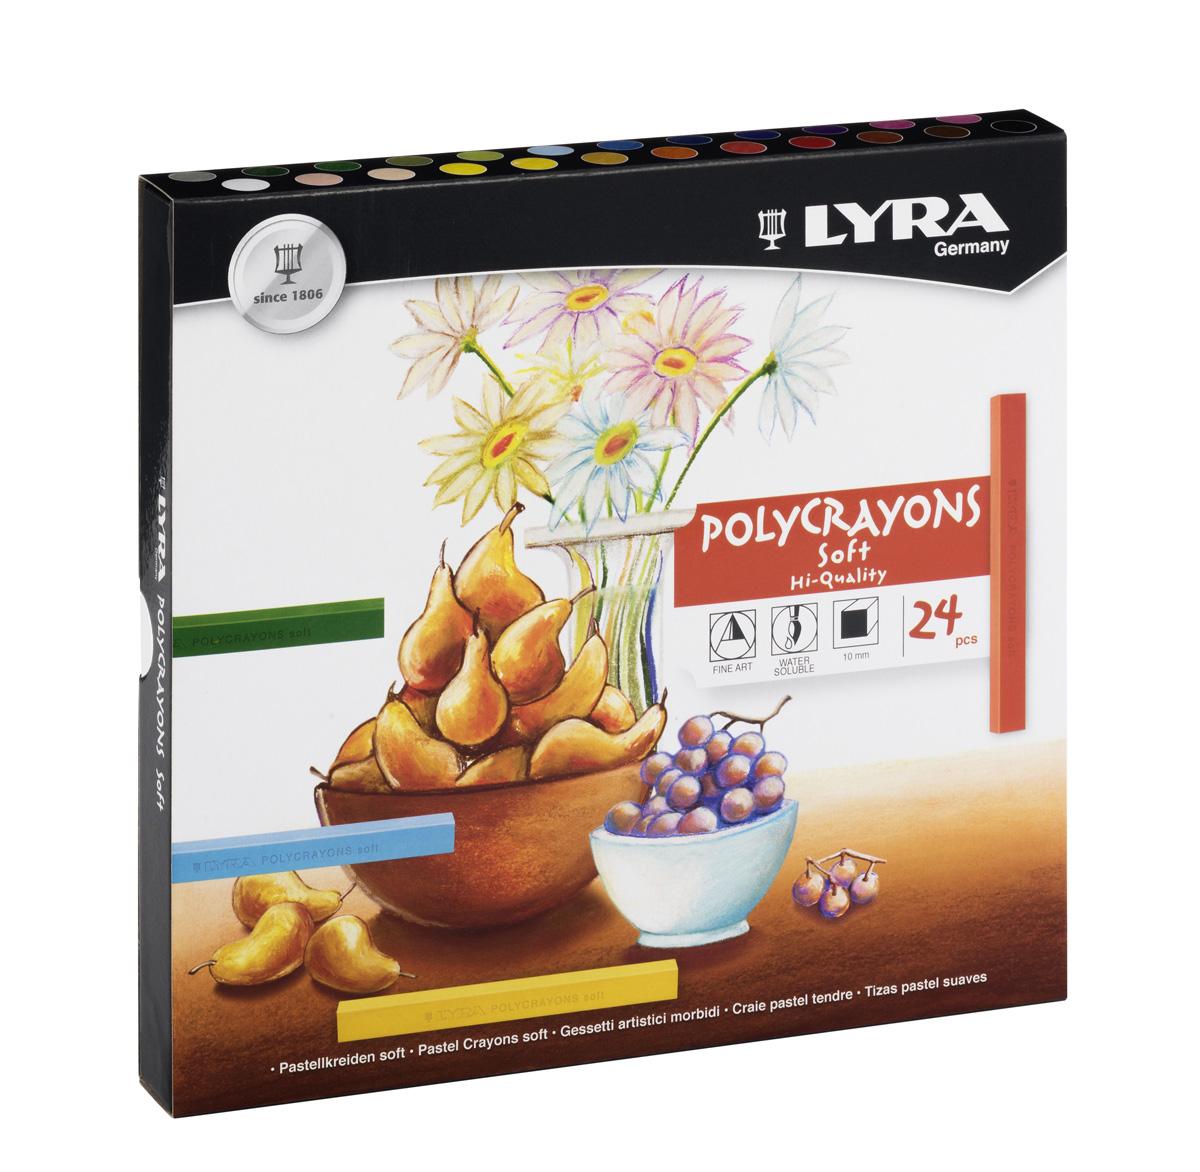 Lyra Пастель сухая Polycrayons 24 цветаFS-00897Набор пастельных мелков Lyra Polycrayons создан для художественного и графического творчества и отлично подходит как для профессионалов, так и для начинающих художников.Четырехгранные разноцветные мелки имеют высокую прочность, не крошатся и не ломаются.Обладают необыкновенной яркостью и стойкостью благодаря высокой степени пигментации.Мелки растворяются в воде и легко смешиваются, что позволяет создавать неограниченное количество оттенков в различных комбинациях.Длина 70 мм, диаметр 10 мм.Возраст: от 3-х лет.